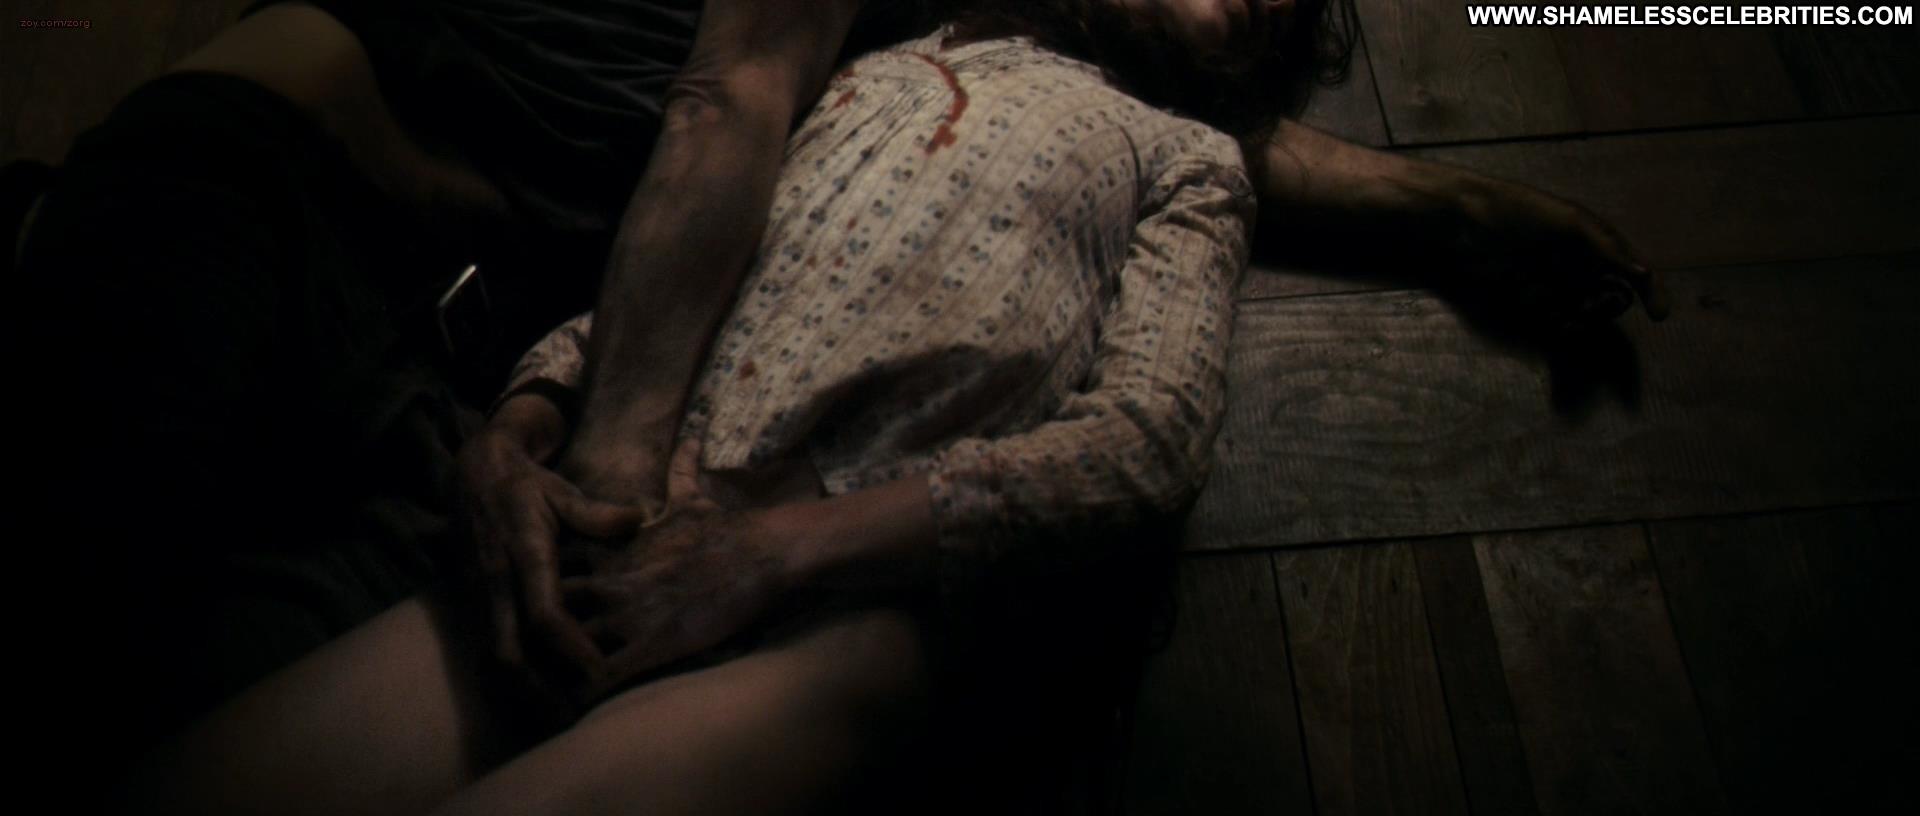 Antichrist Porn Scenes charlotte gainsbourg antichrist antichrist celebrity posing